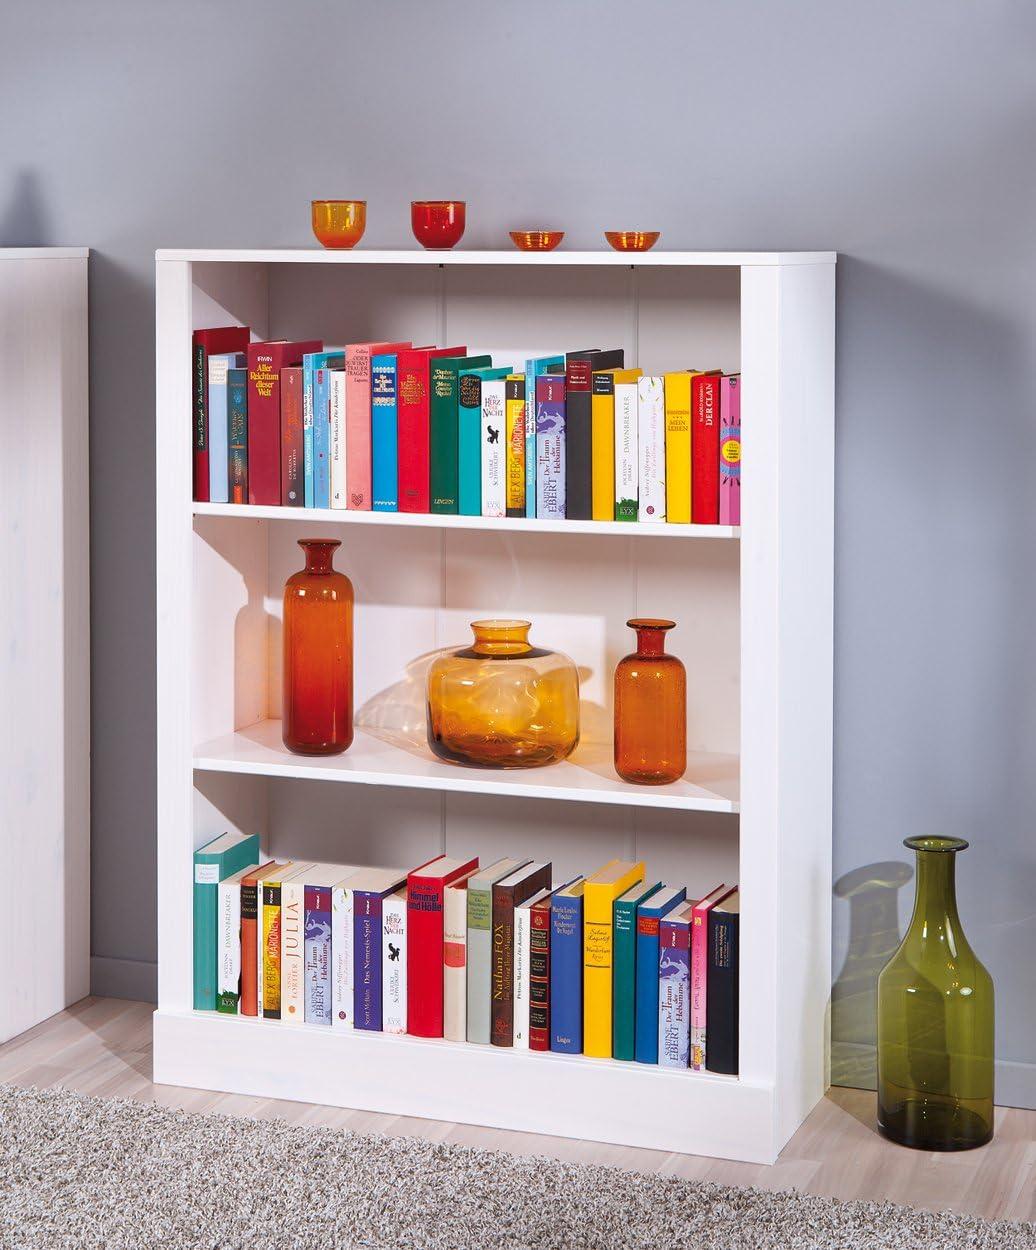 116 x 90 x 35 cm White Bookcase Office Shelf Living Room Shelf Unit 3 Shelves Solid Inter Link Left 40100390 Shelving Shelves